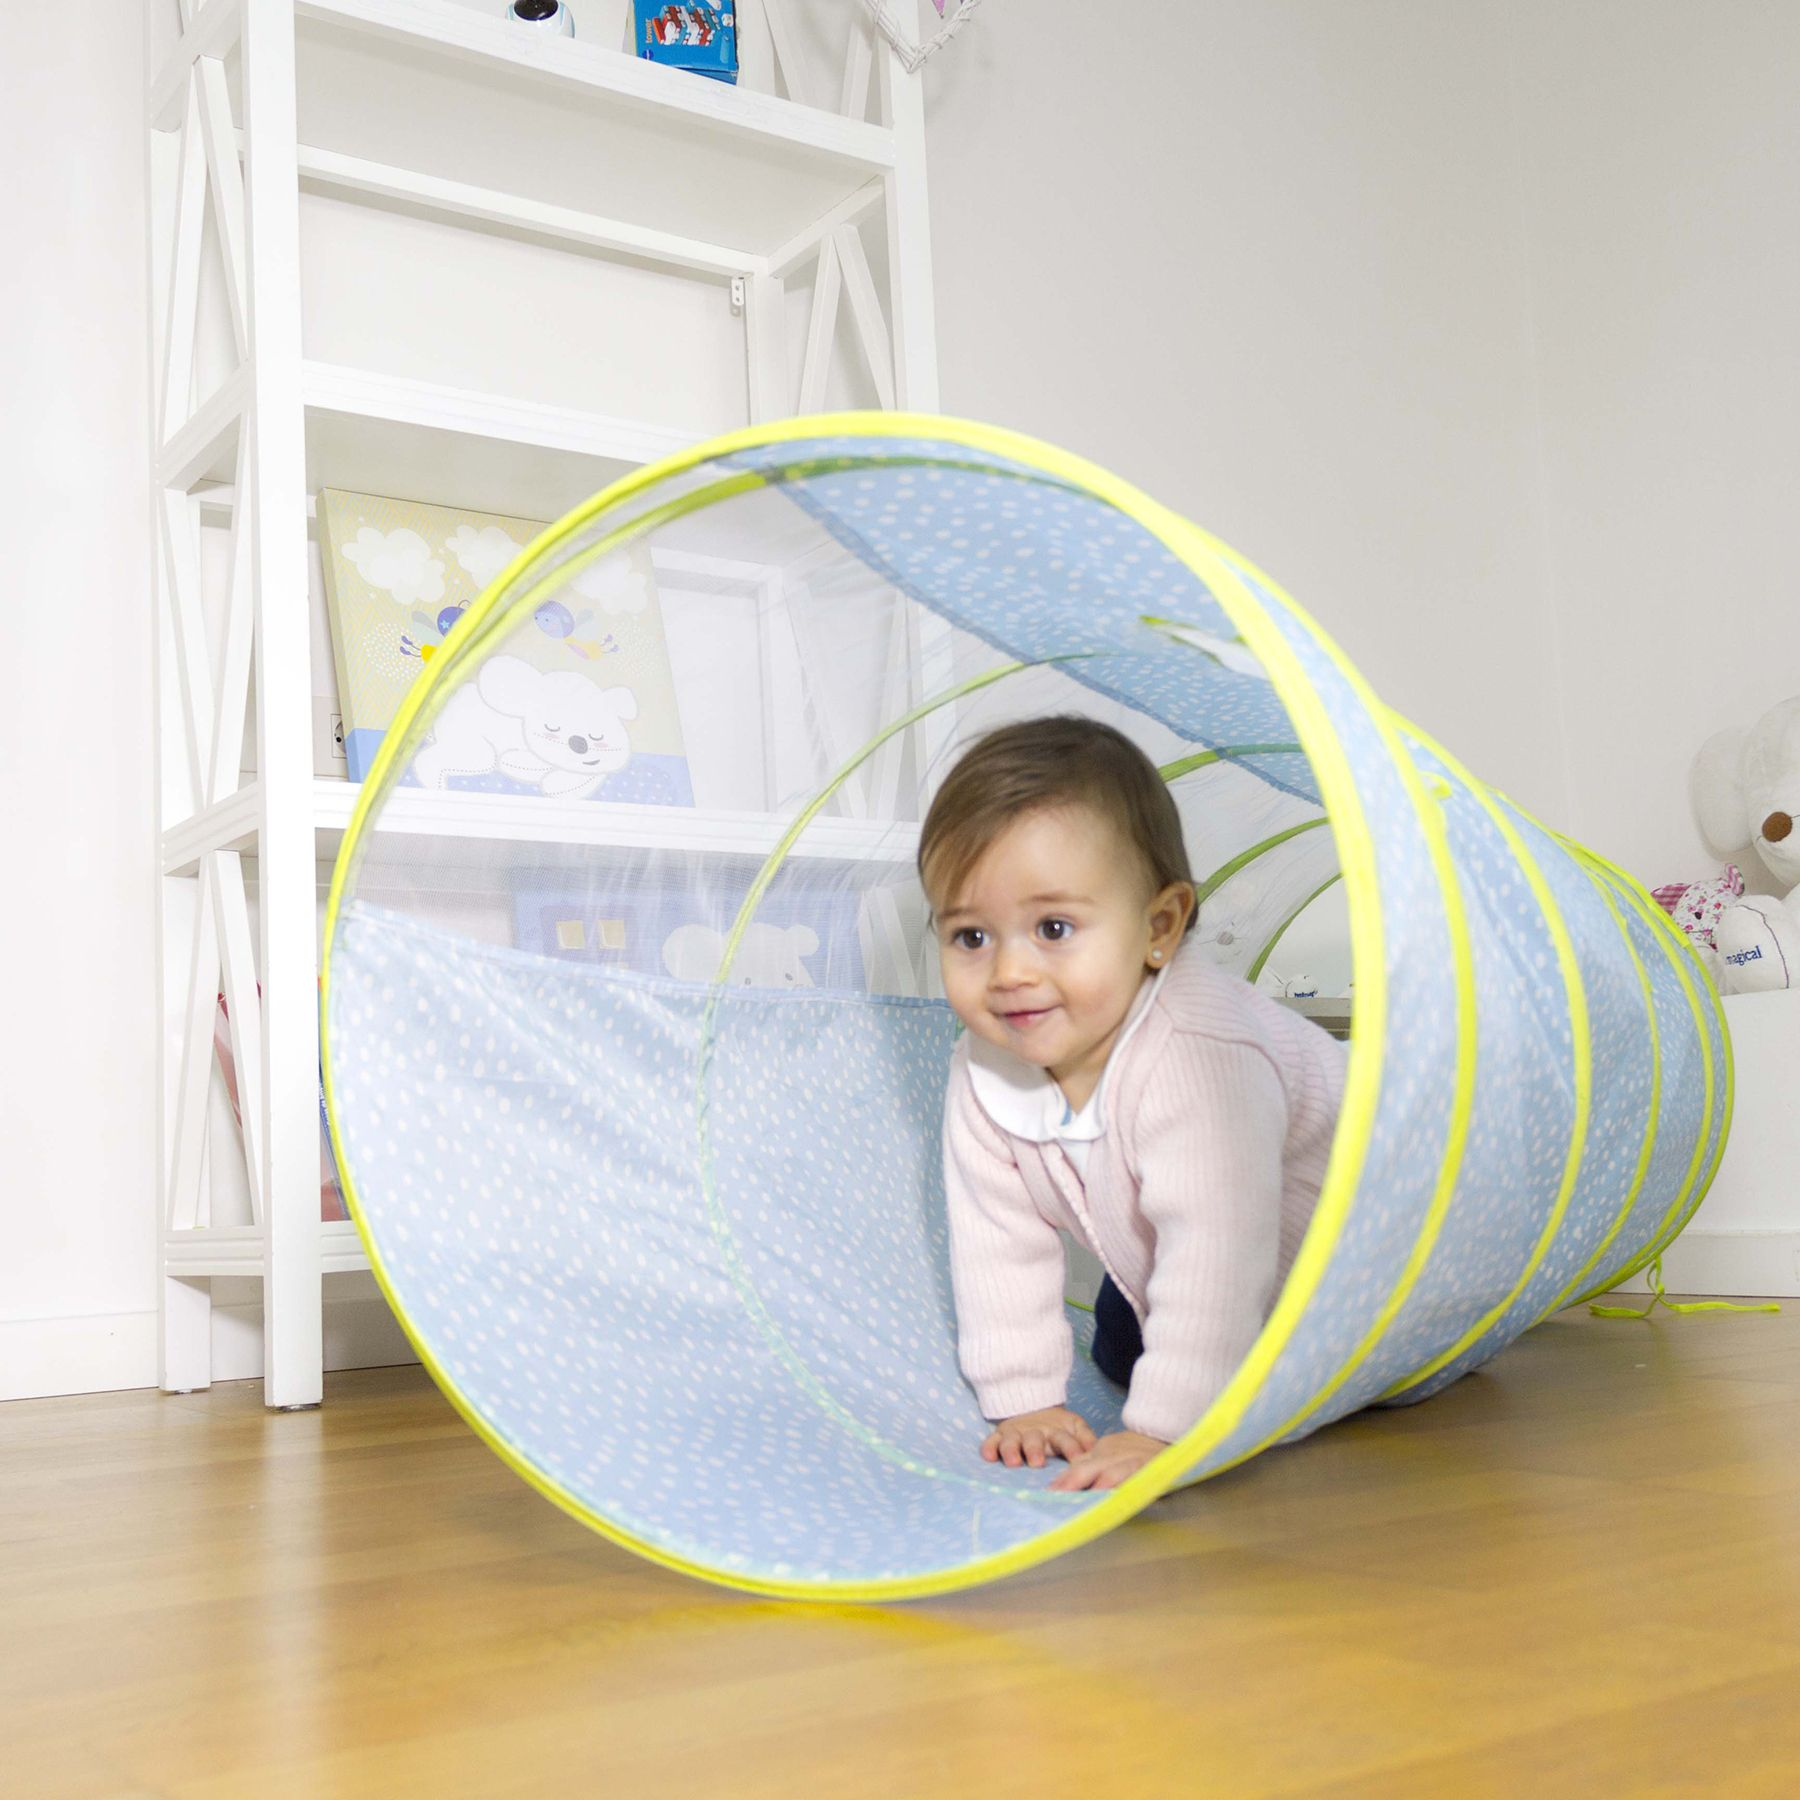 Túnel de juegos plegable para bebé   Juego, Corriendo y Bebé